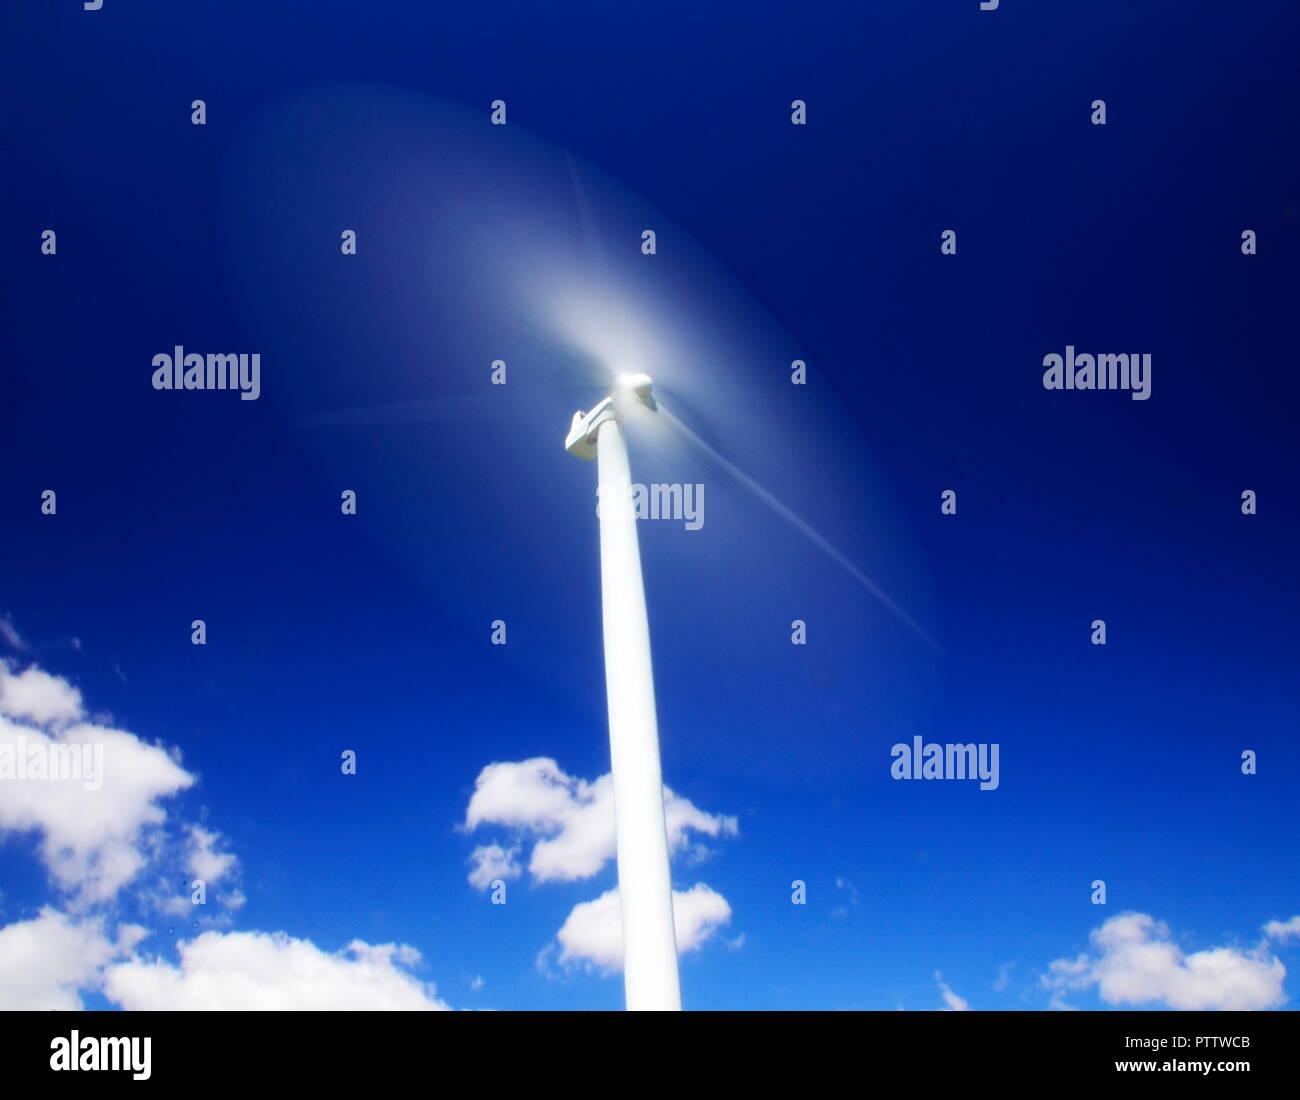 Die Metapher der Zukunft schnell nähert, die Rotorblätter einer Windkraftanlage schneller dreht als die Geschwindigkeit des Lichts Stockbild